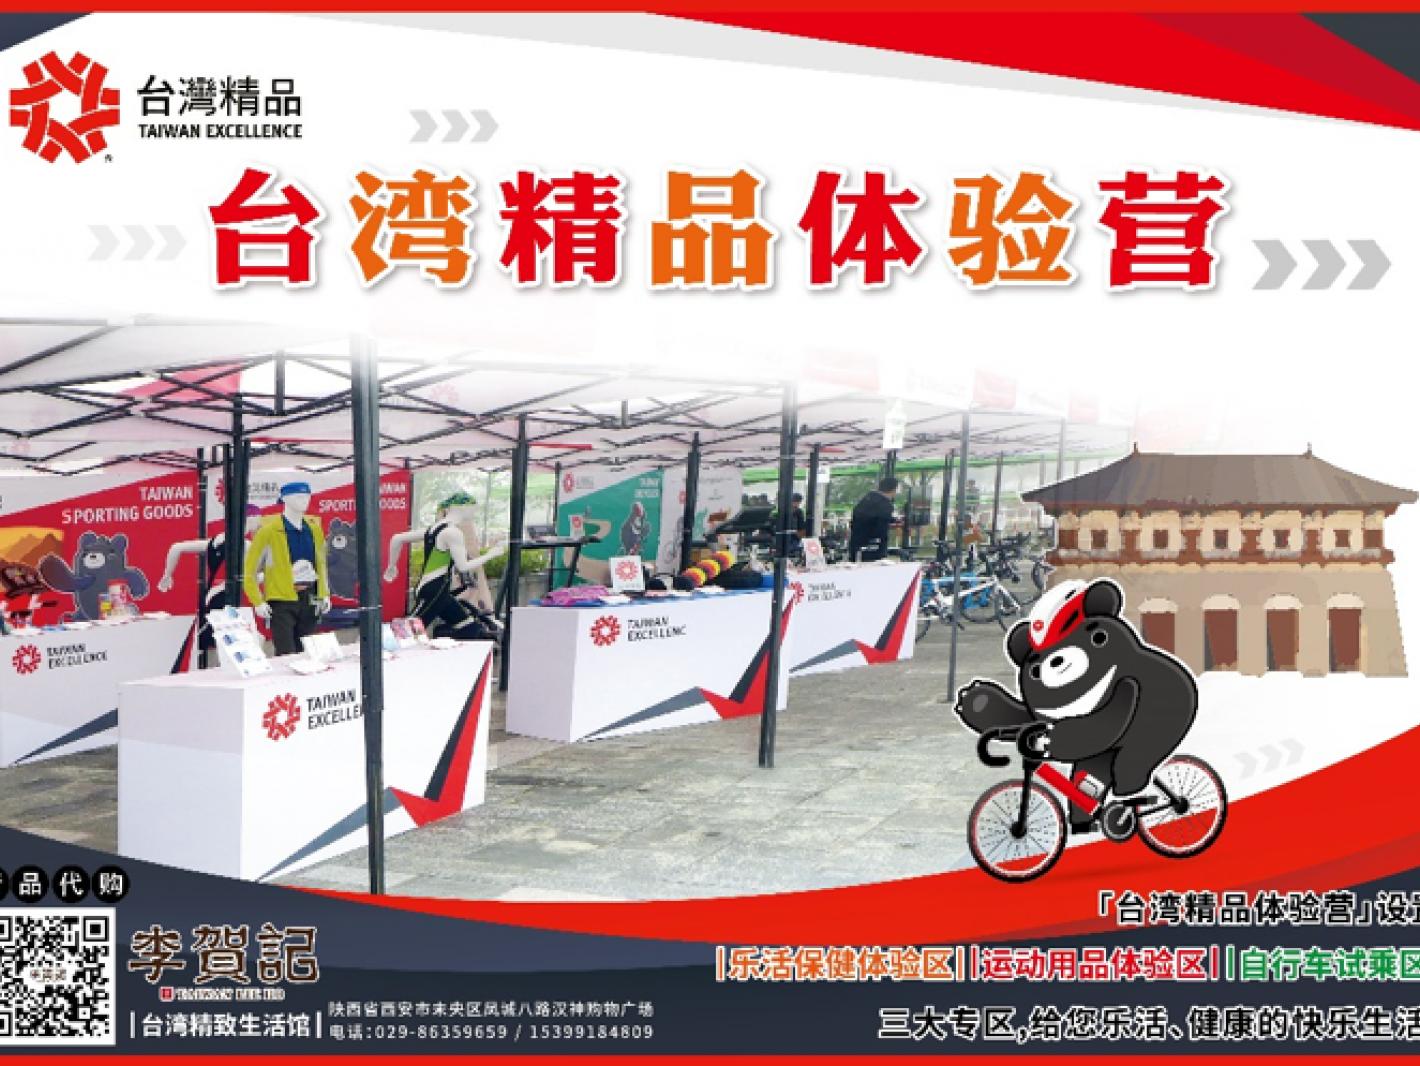 台灣精品體驗營邀請所有朋友親臨現場,感受台灣精品魅力!